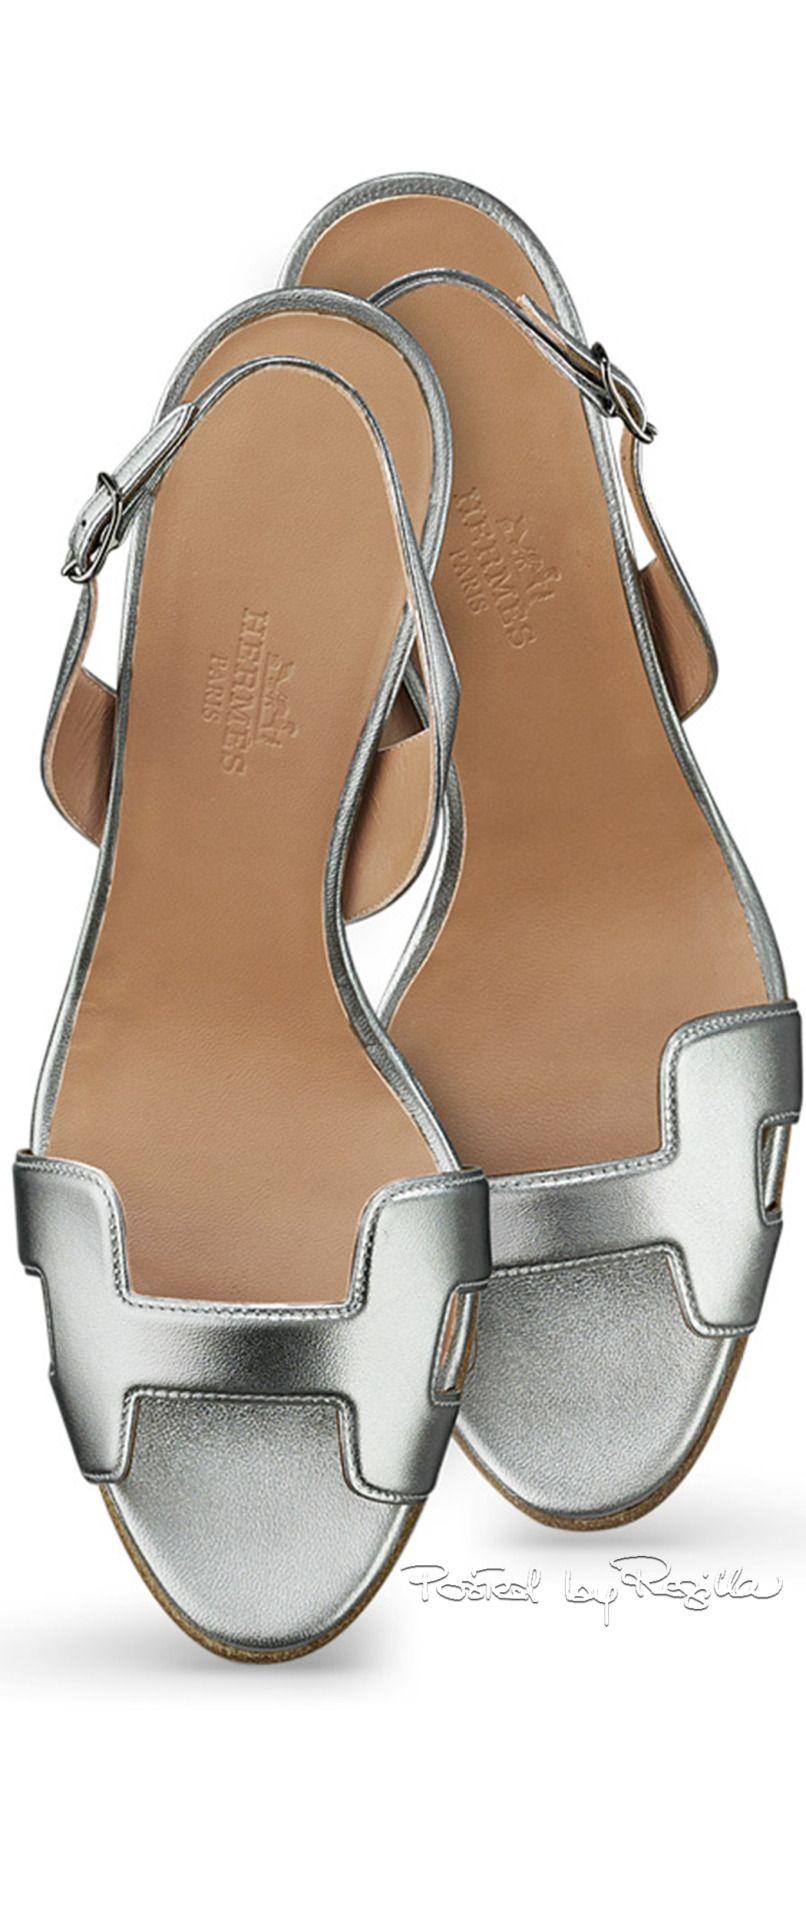 e13f074db59 Hermès Metallic Sandal